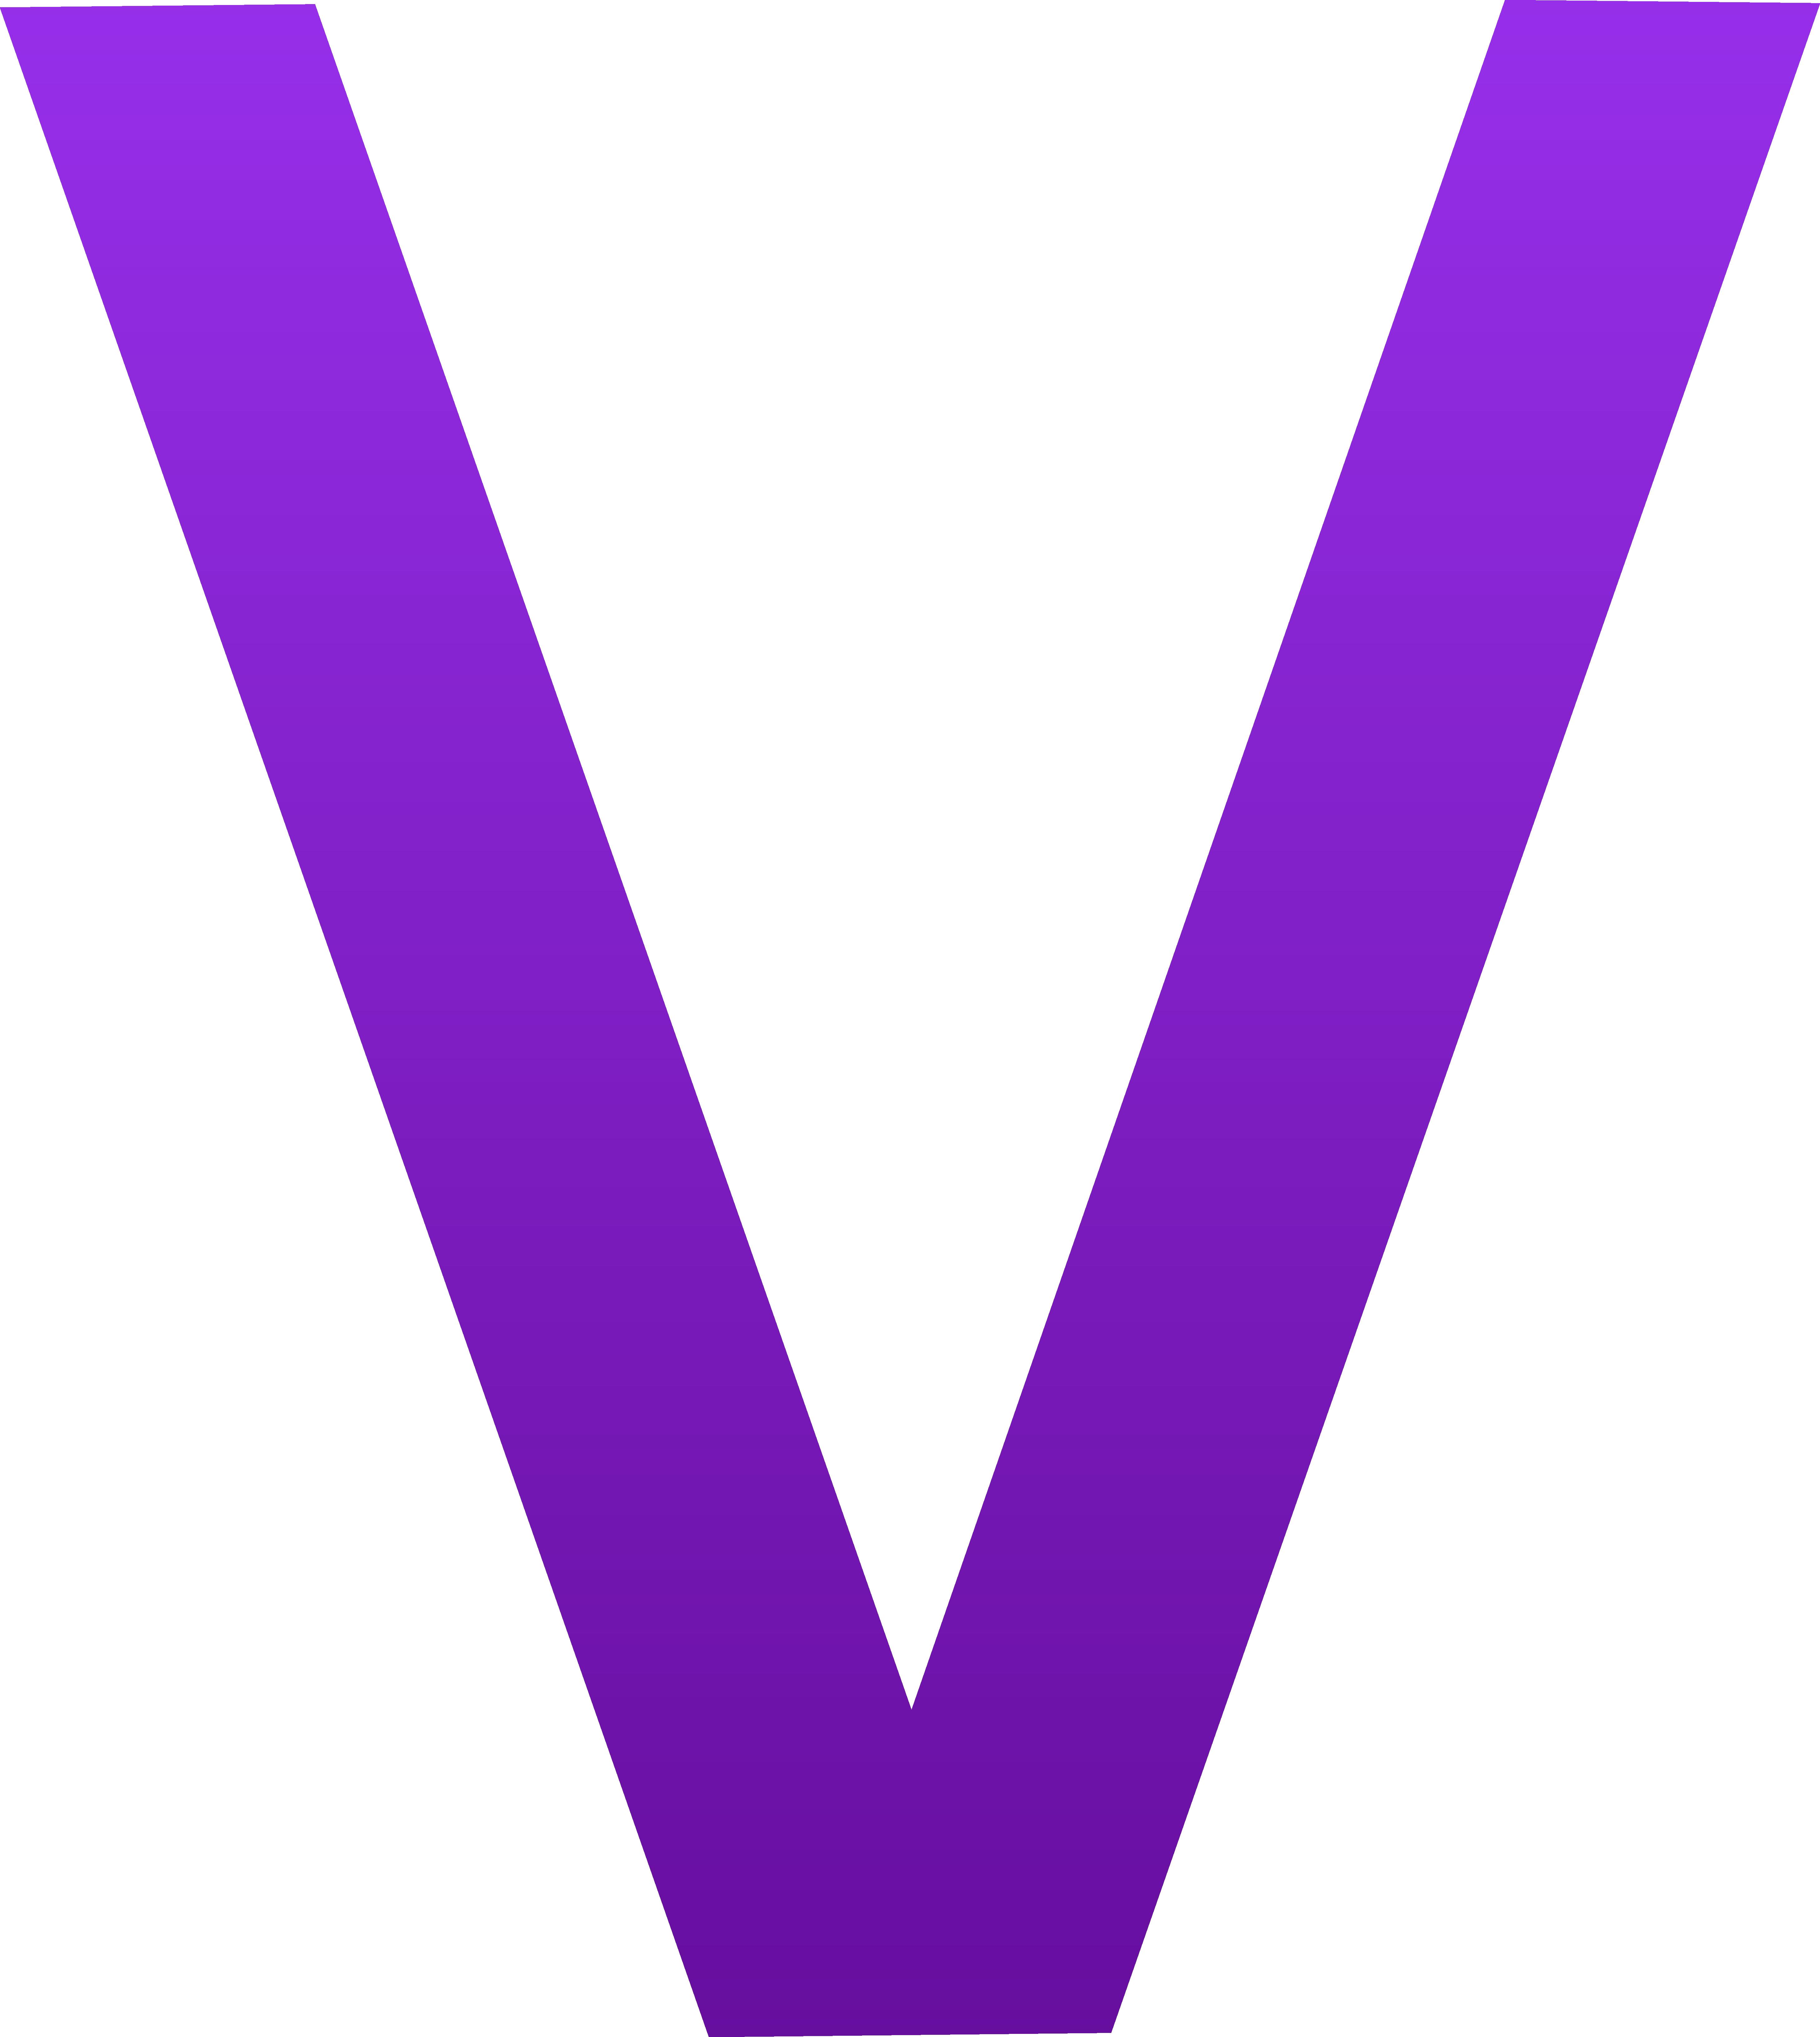 5827x6520 The Letter V